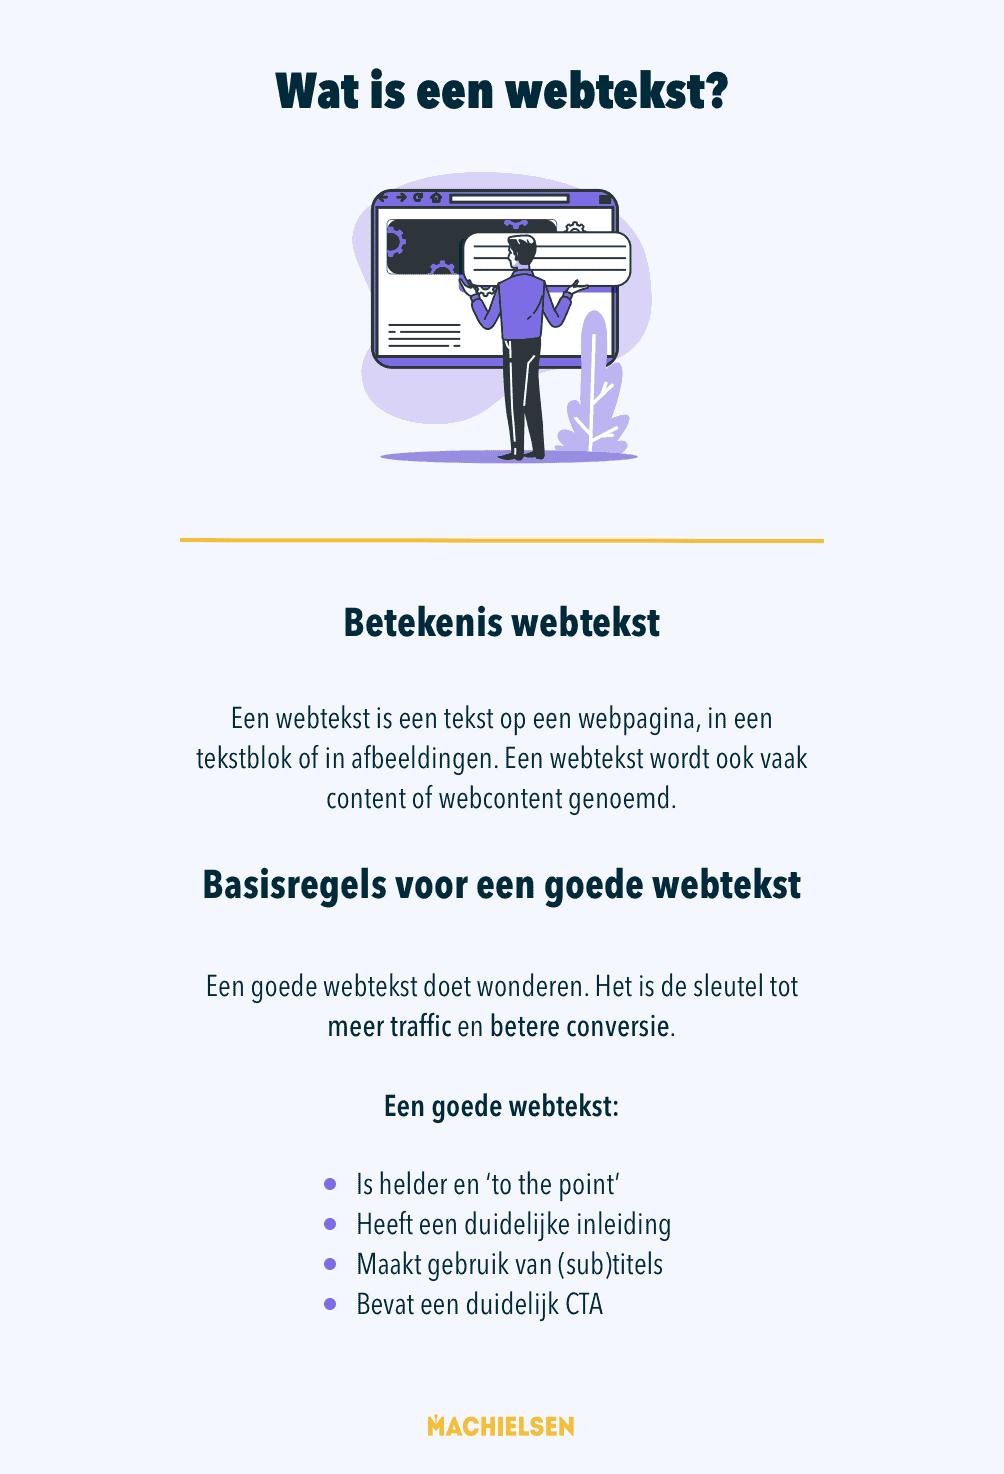 wat-is-een-webtekst-infographic